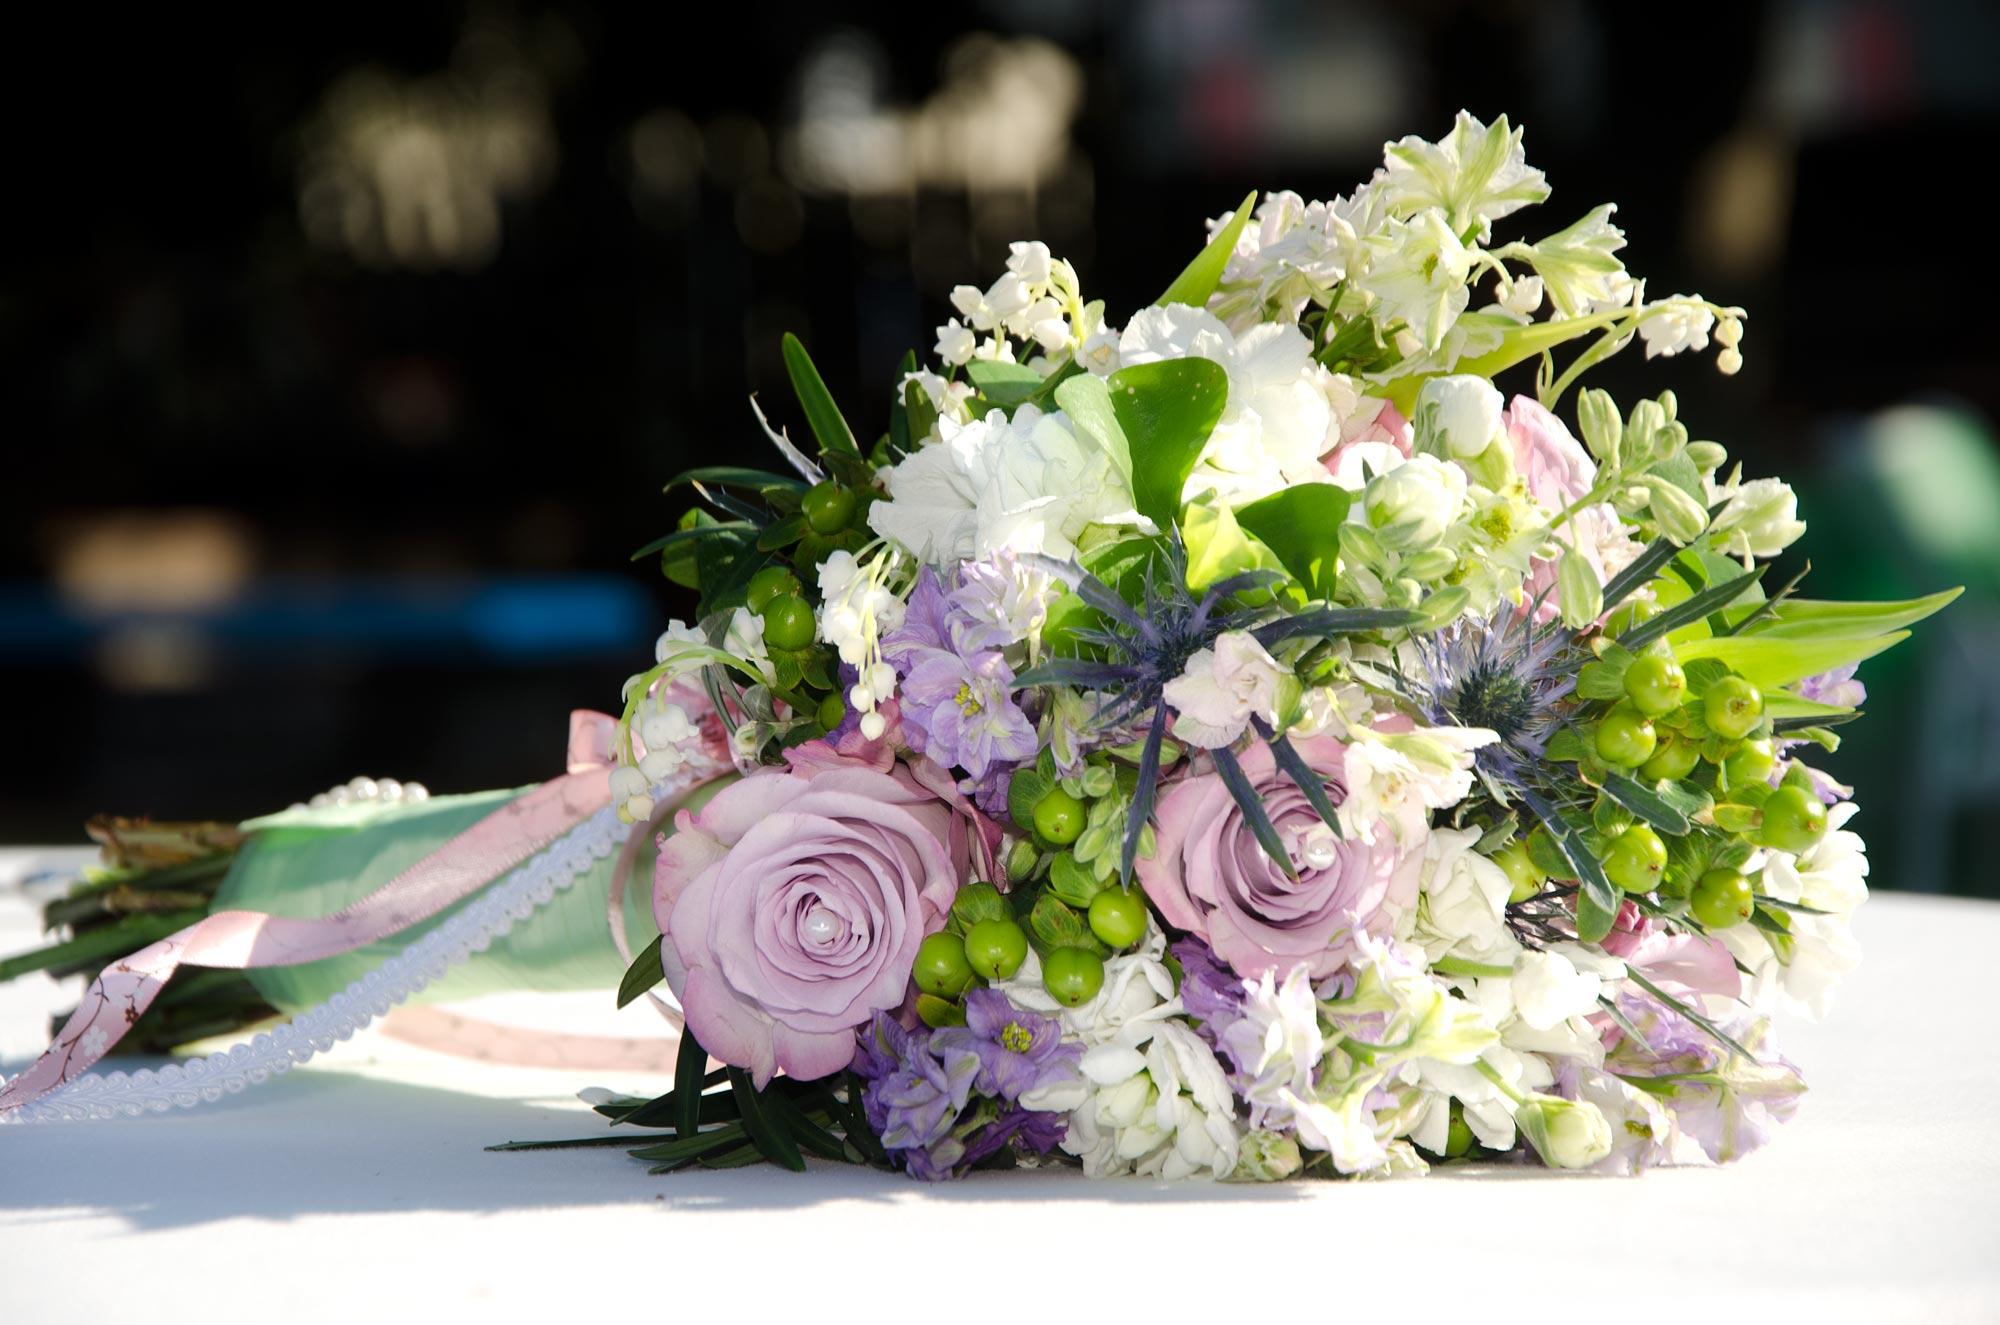 Kreative Ideen Fur Trauzeugen Machen Sie Die Hochzeit Zum Erfolg